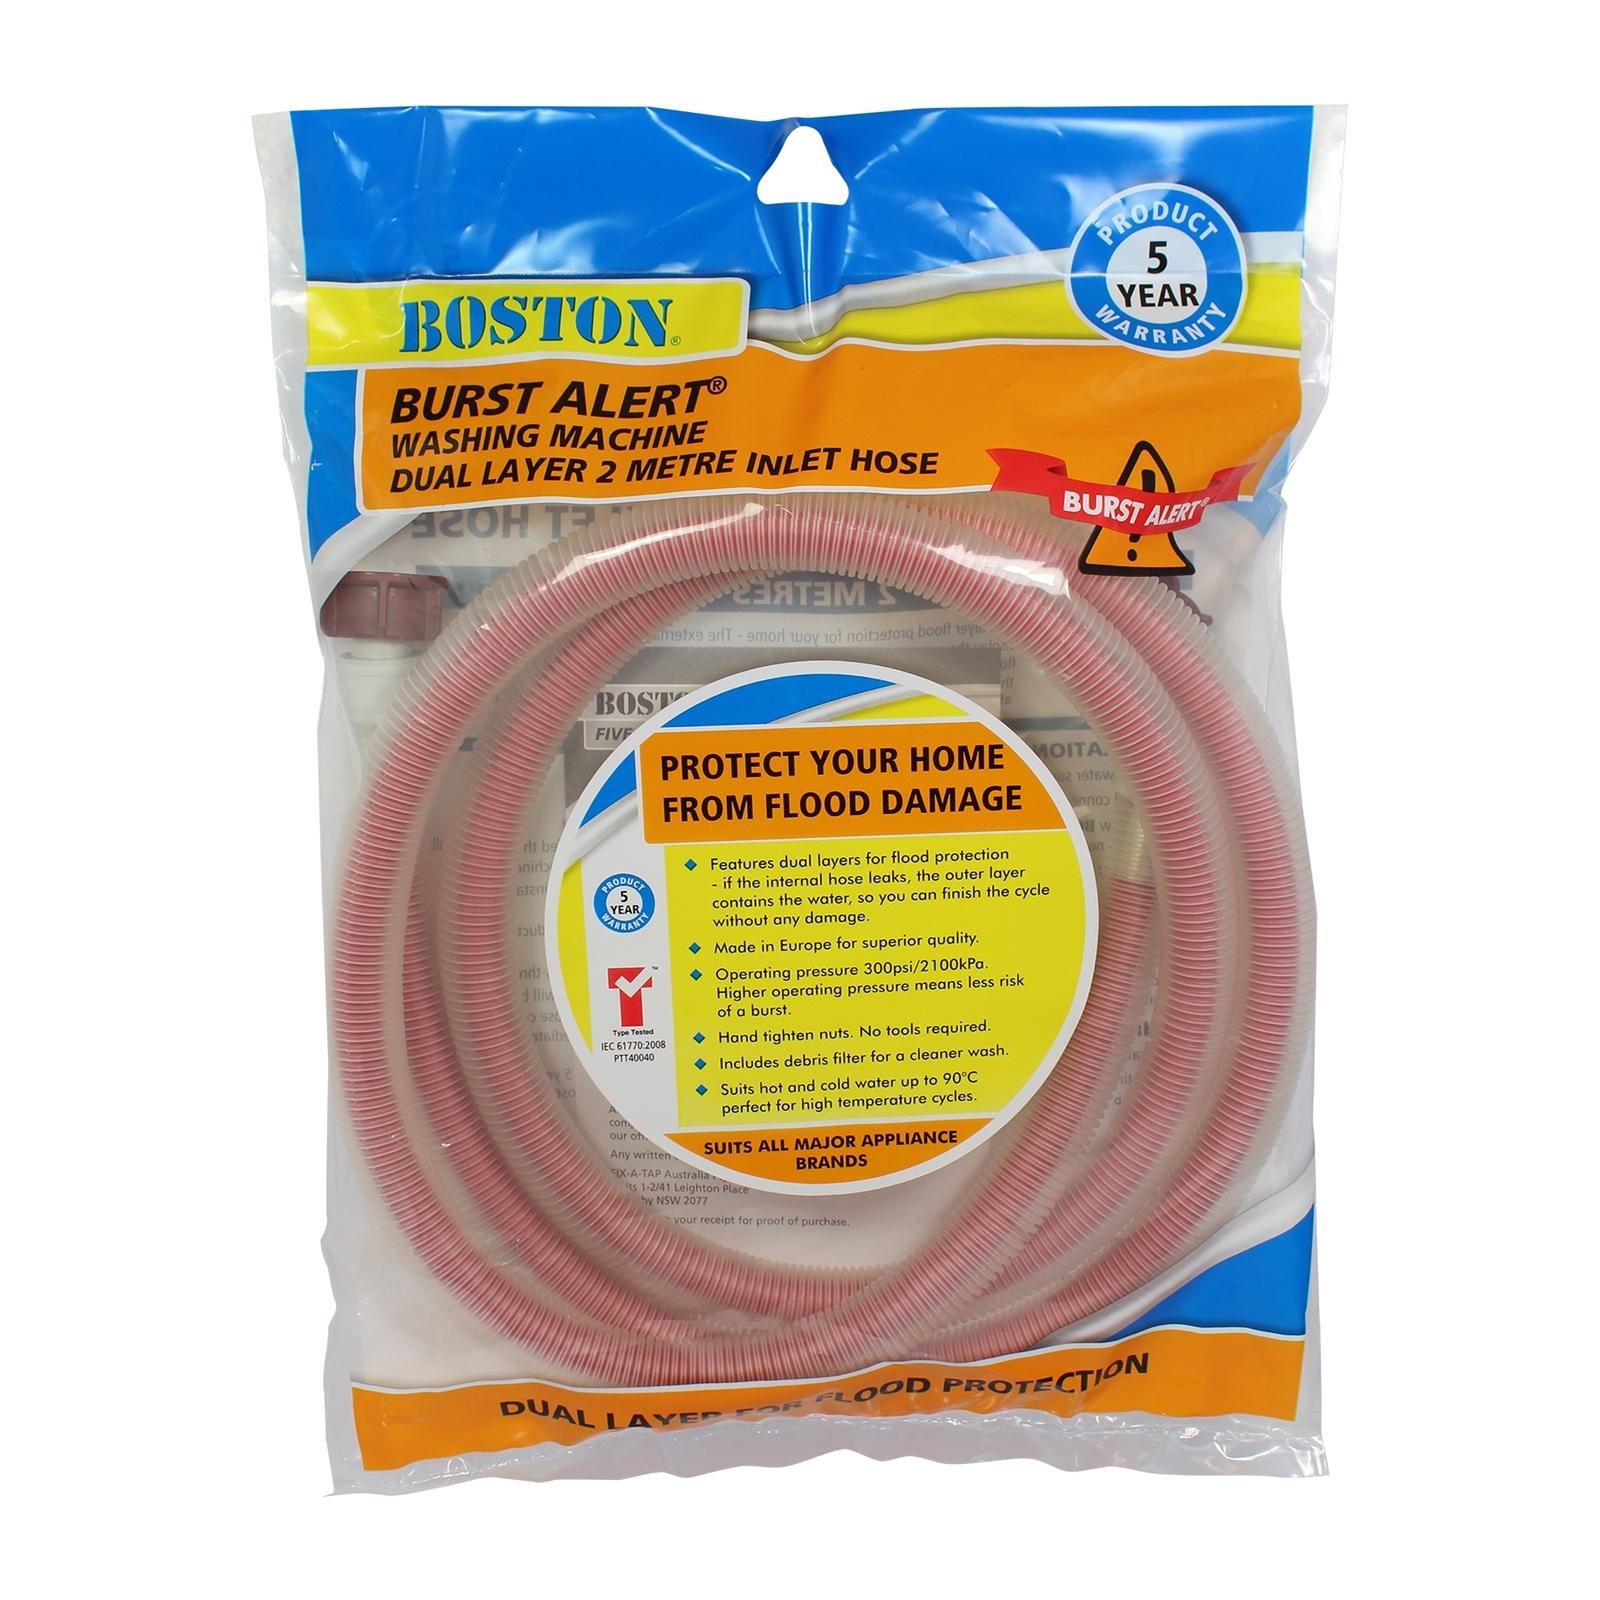 BOSTON 2m Burst Alert Washing Machine Inlet Hose